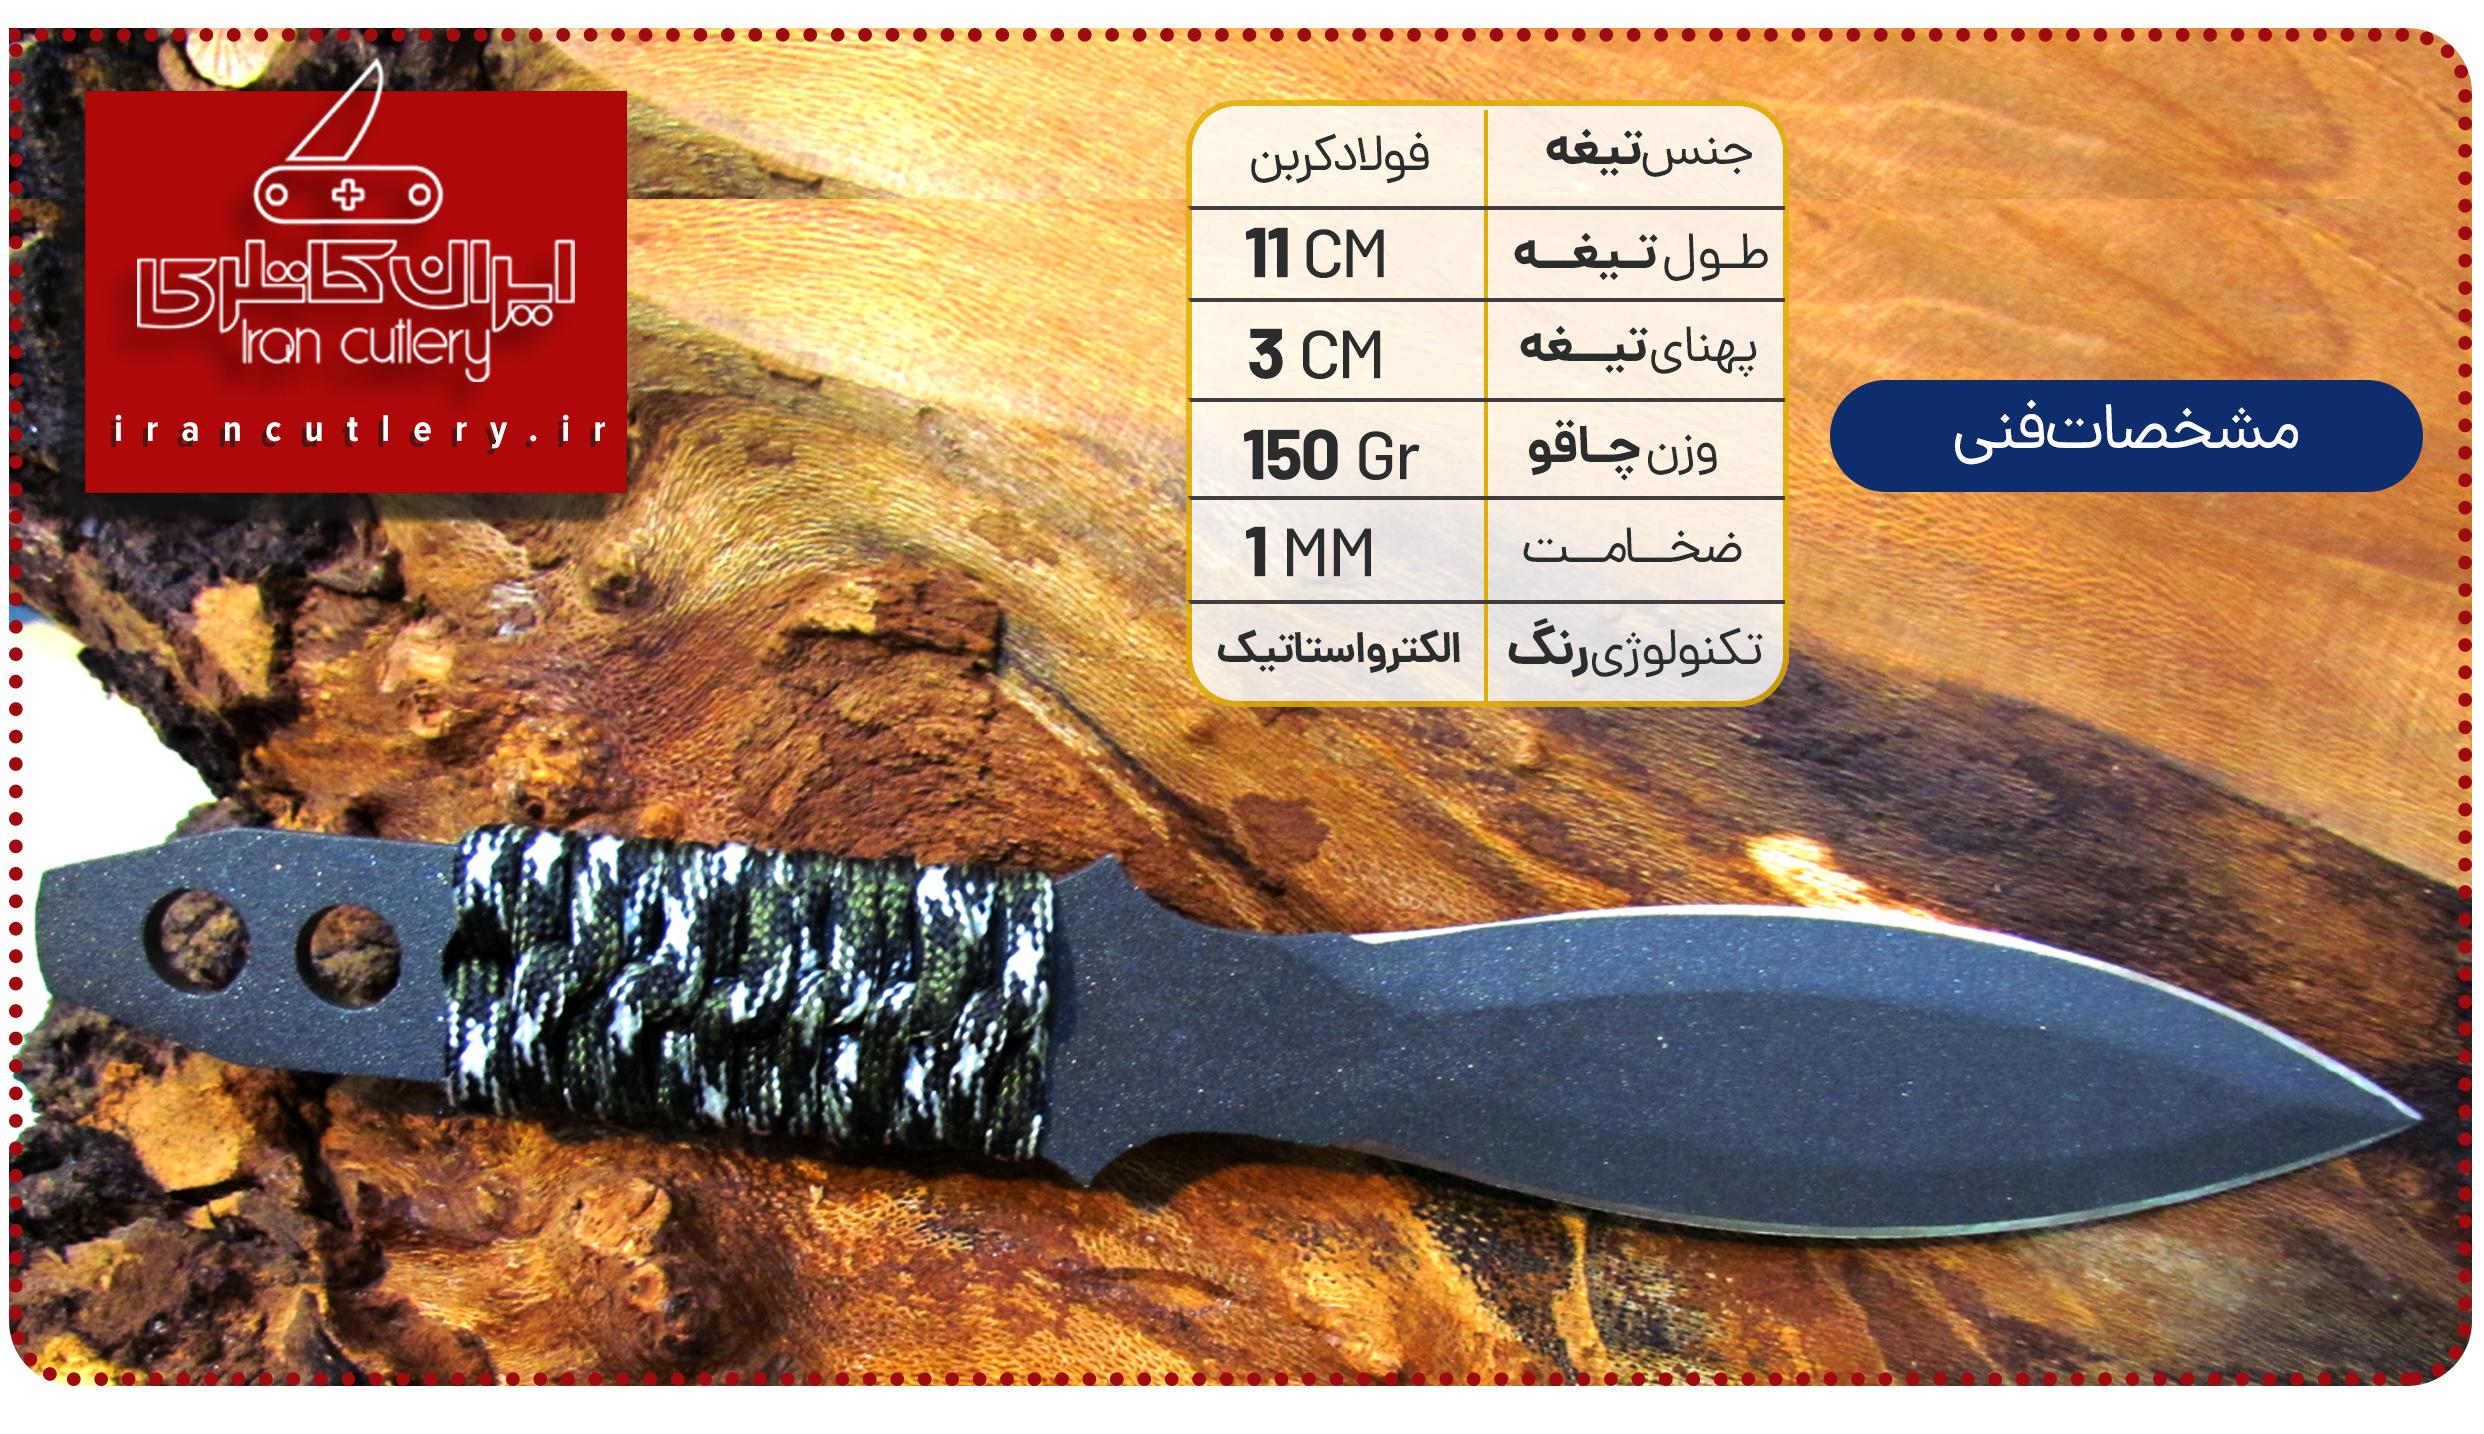 چاقوی پرتابی اسپایدر